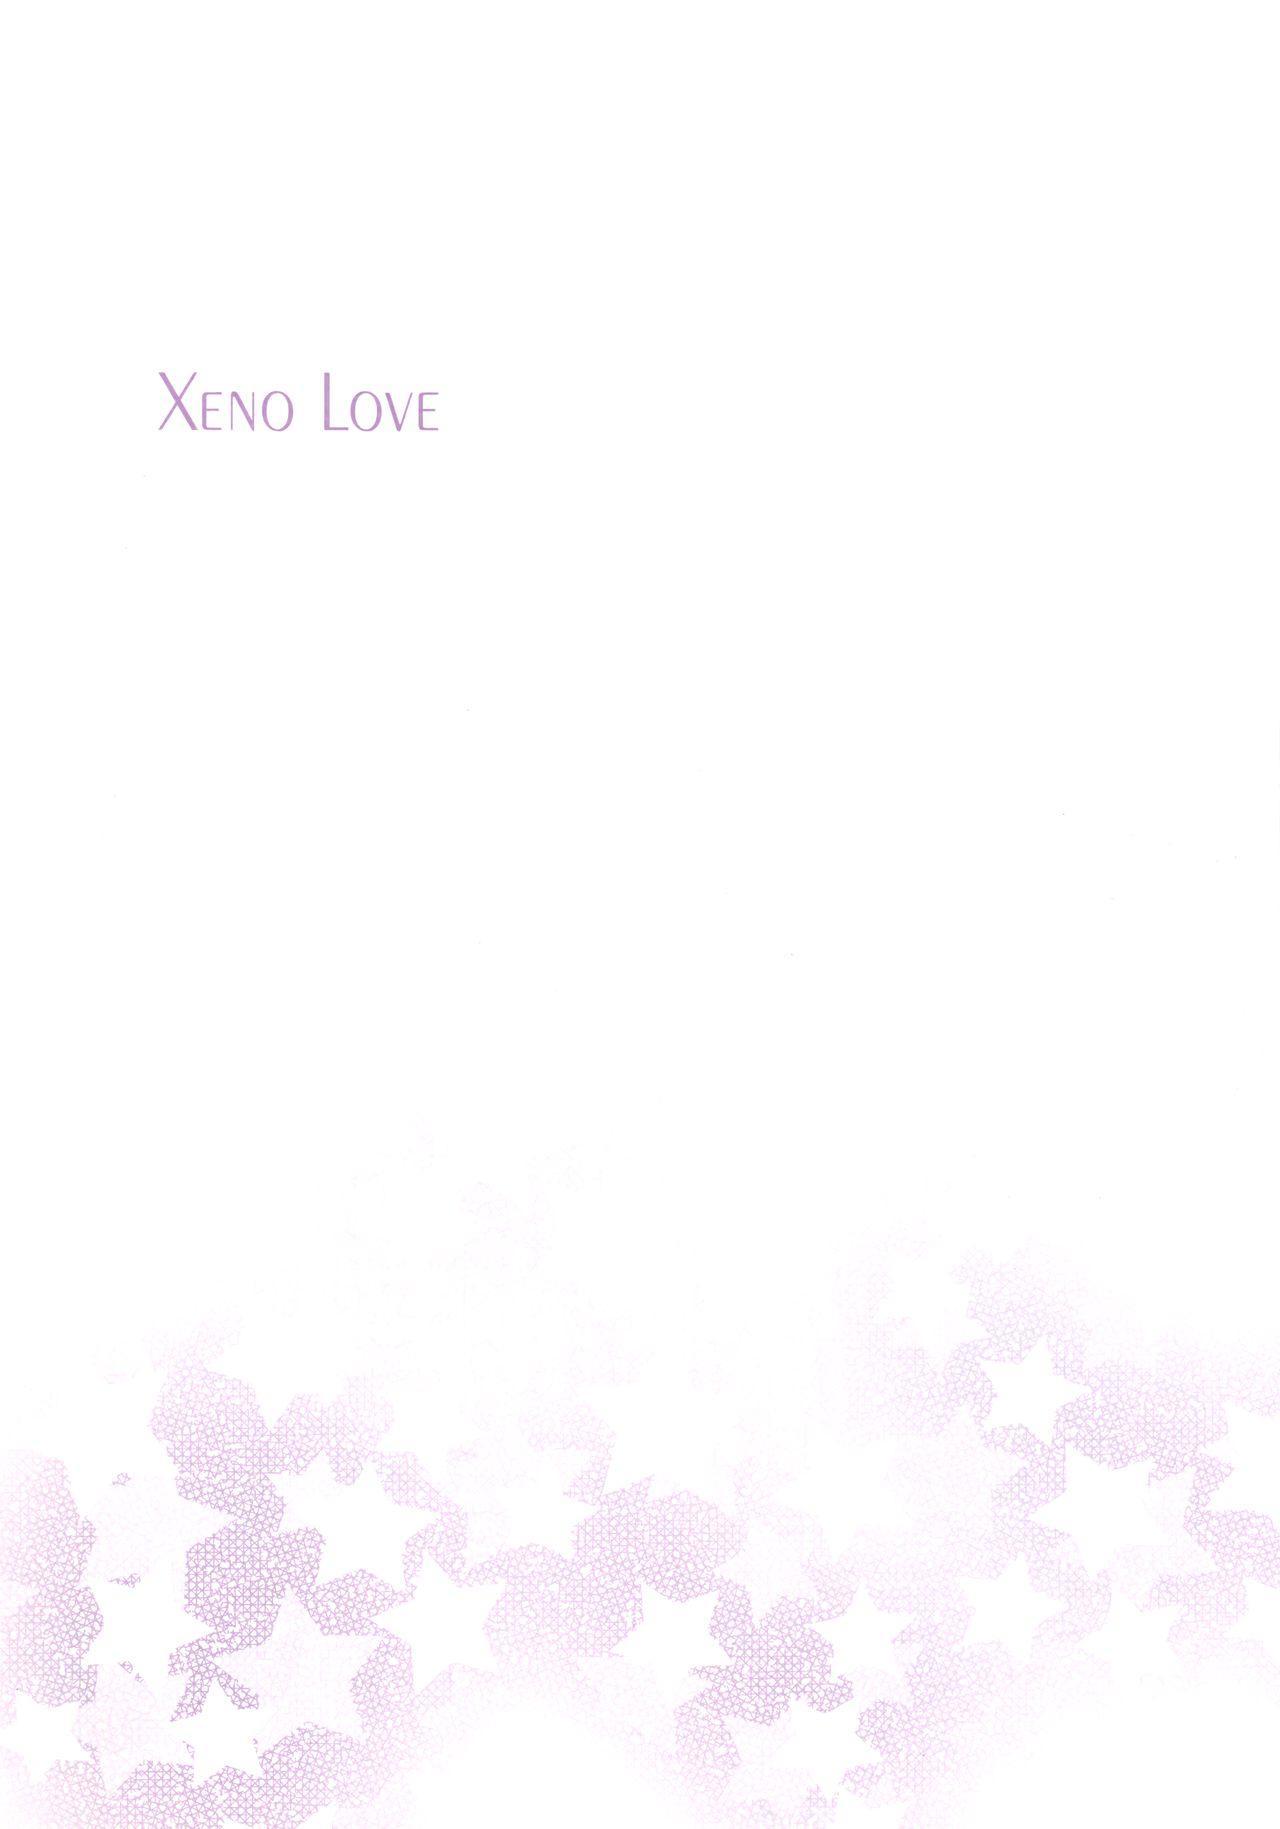 Xeno Love 1